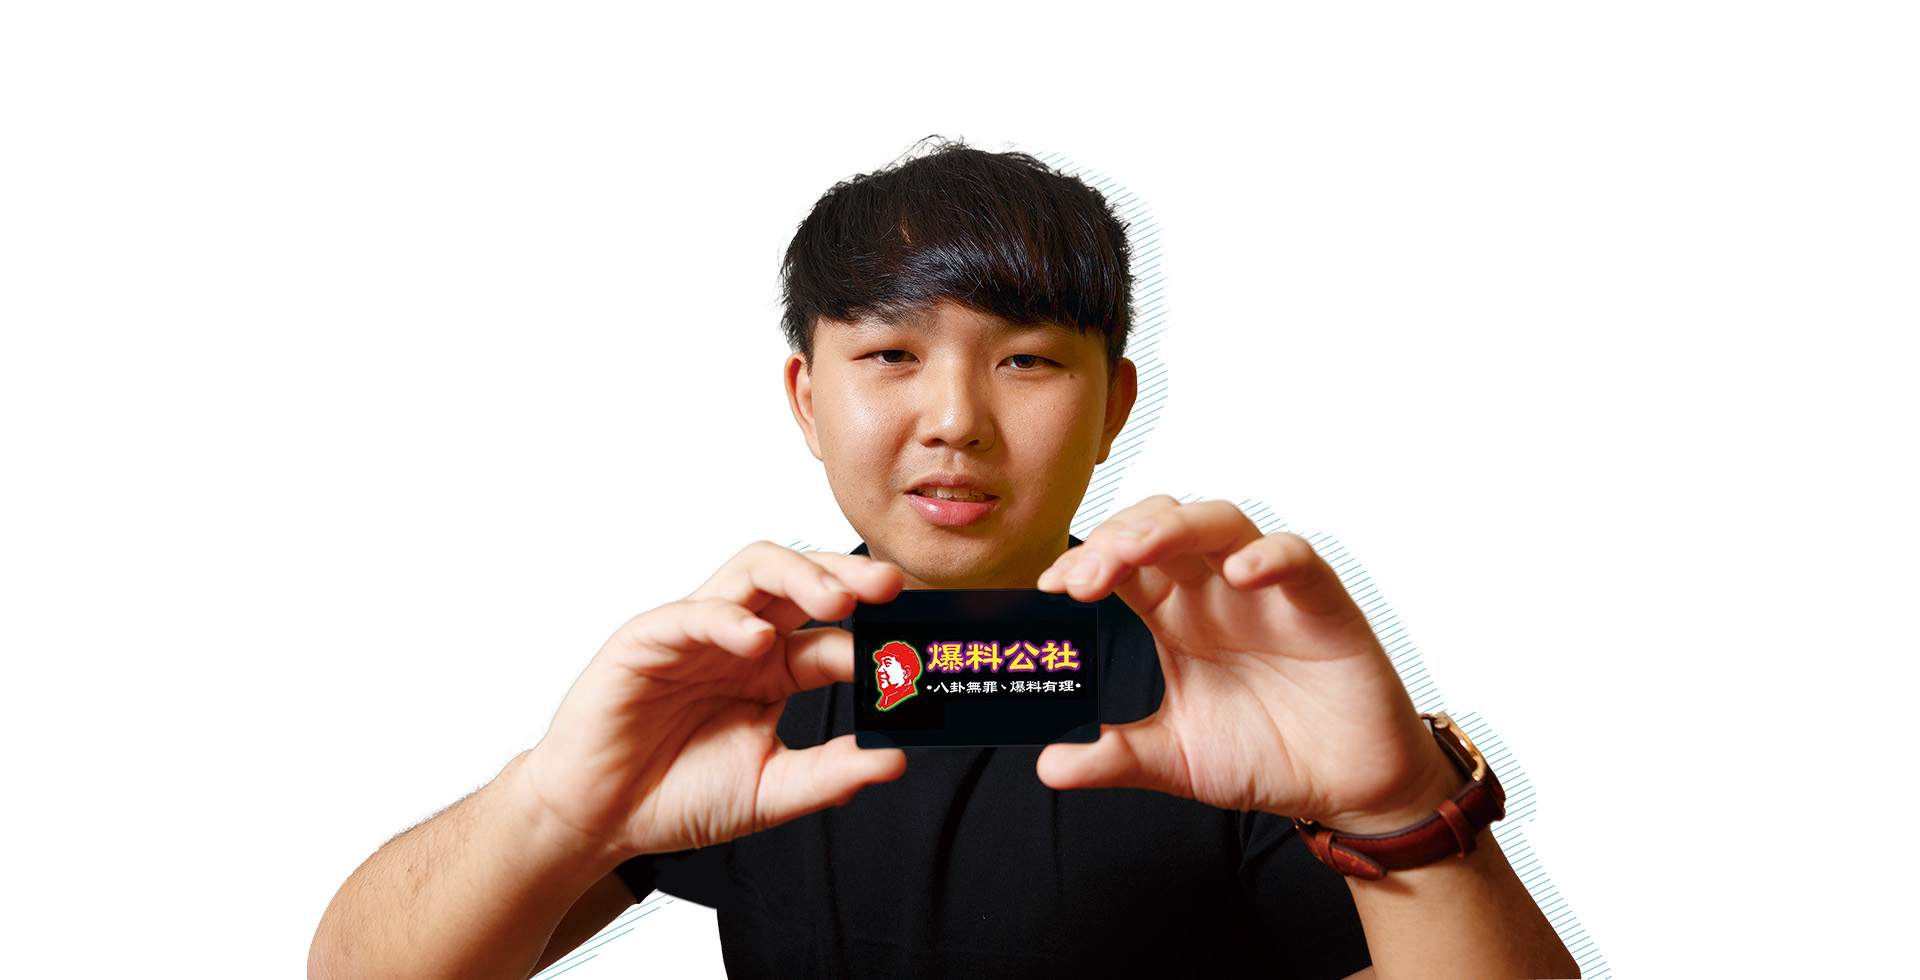 爆料公社變公司  26歲神祕創辦人曝光